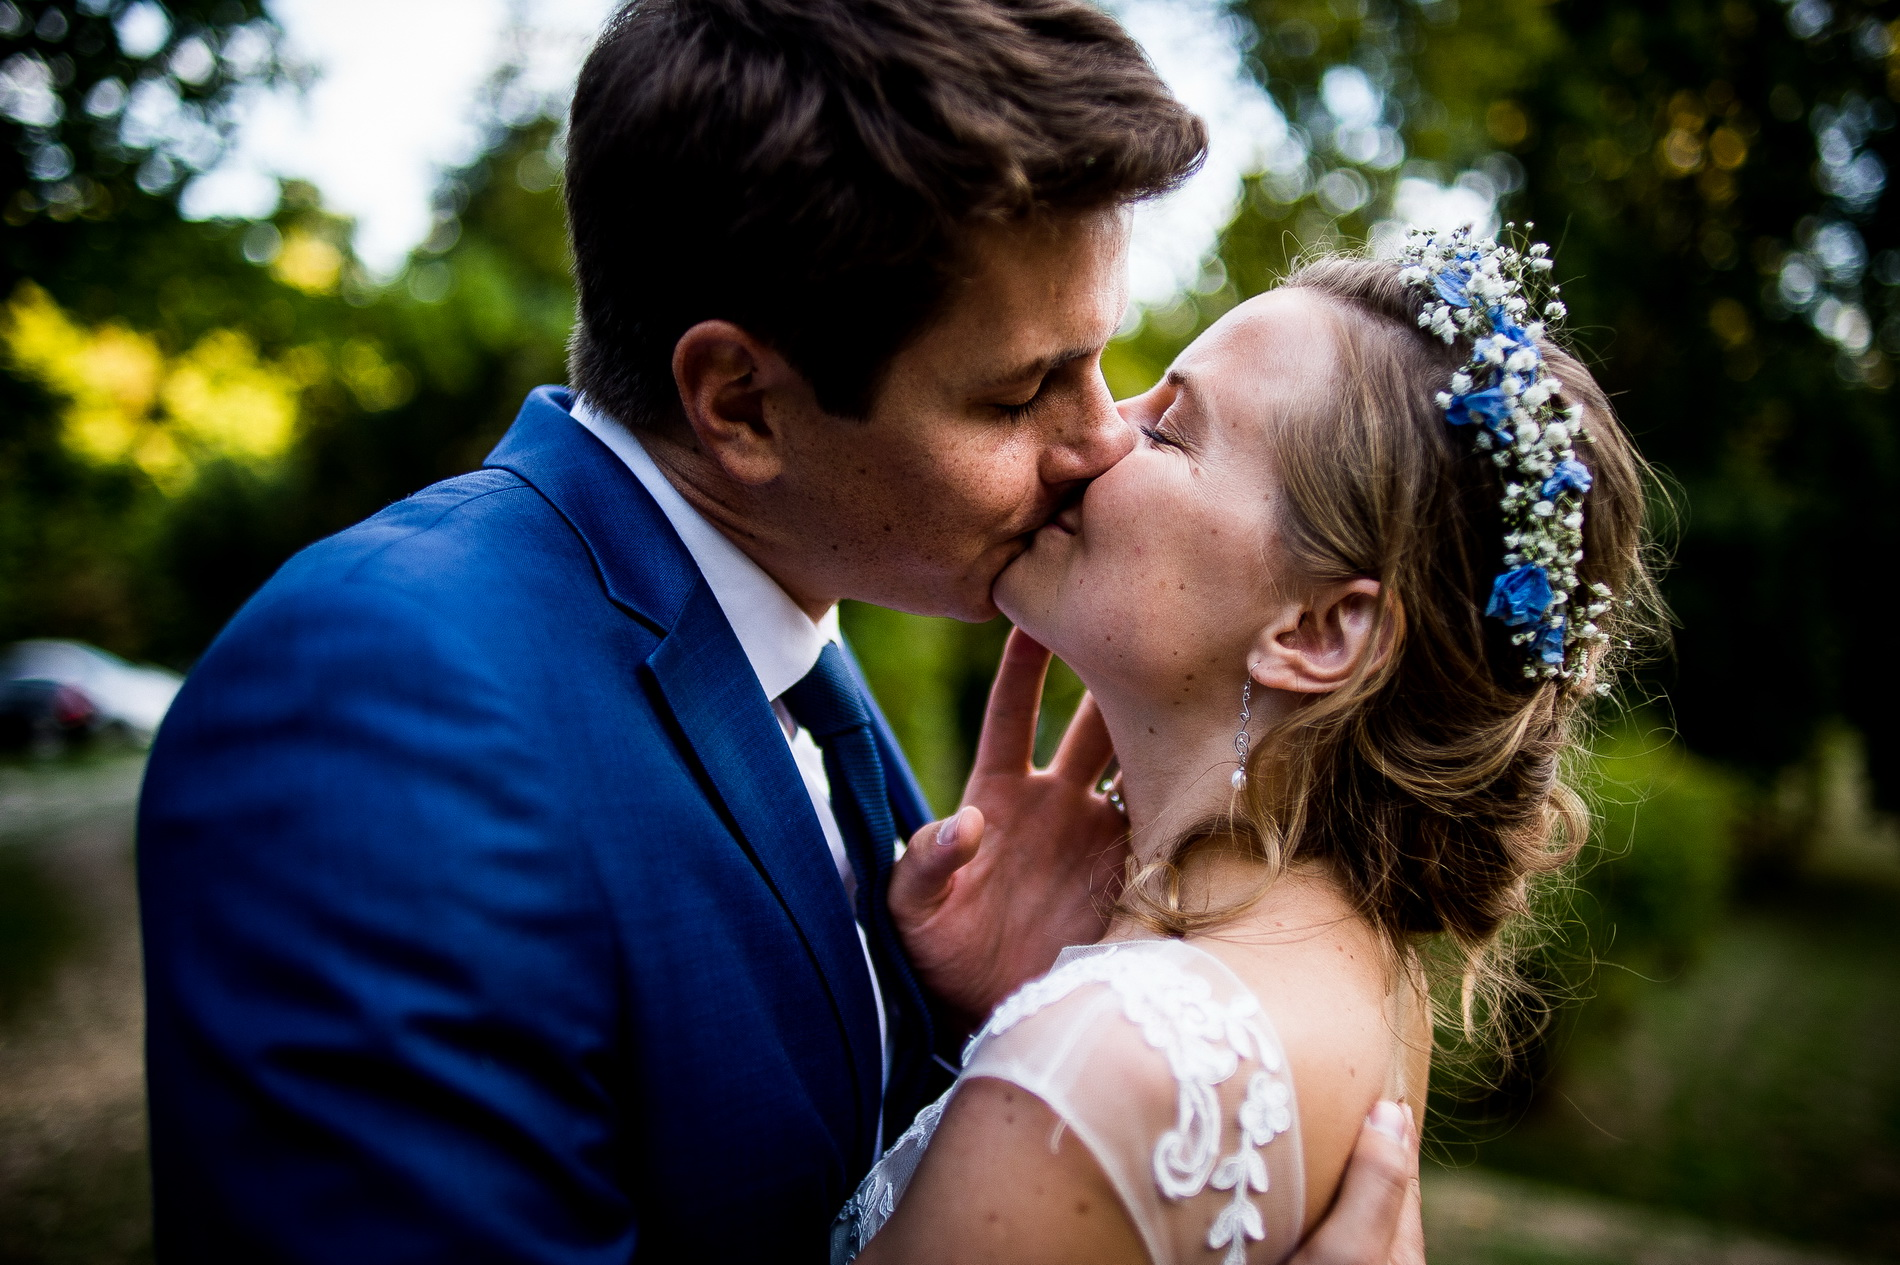 Photo d'accueil Frédéric Bayle photographe mariage Paris